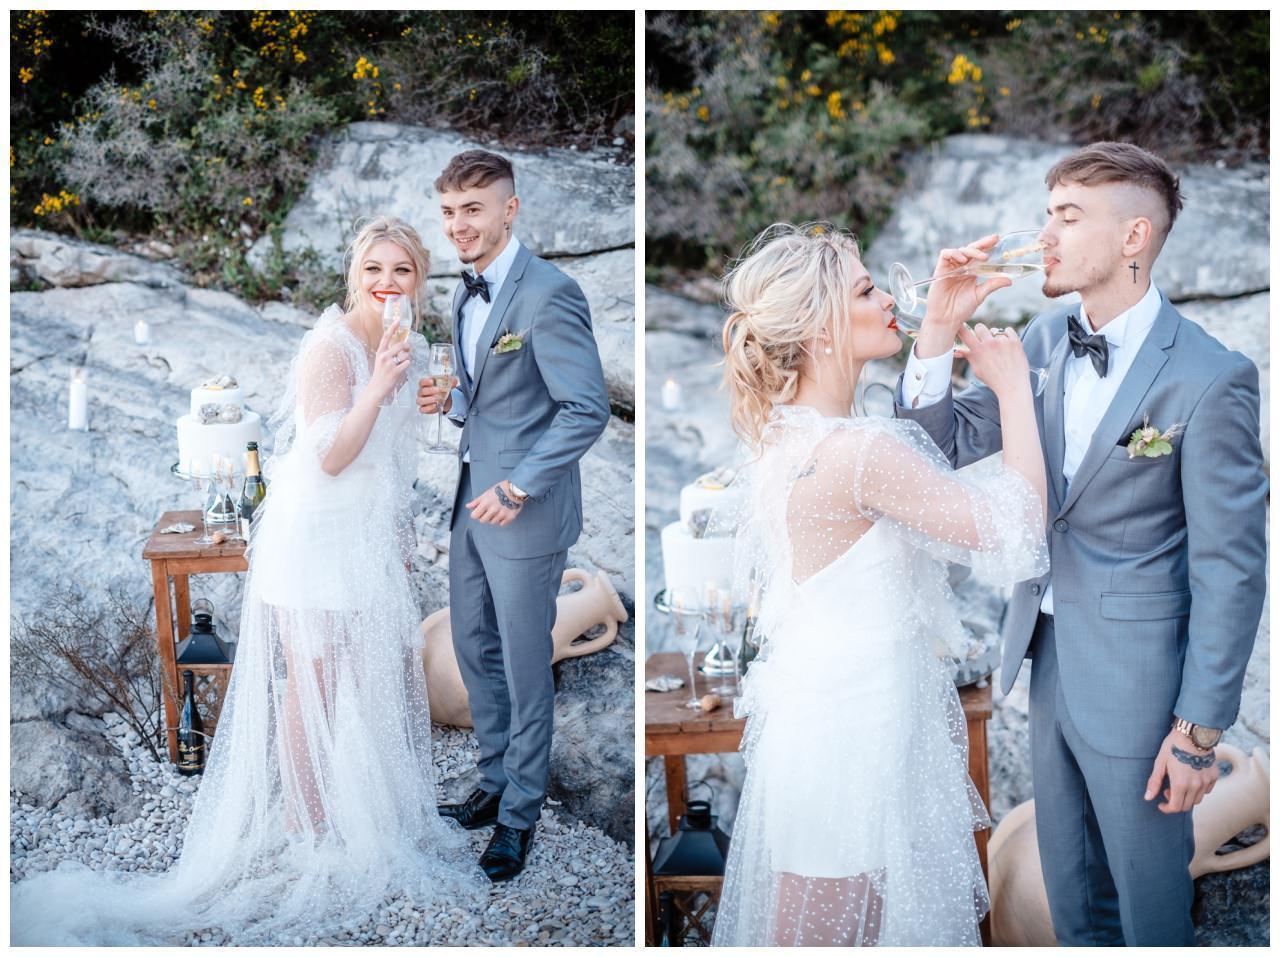 Hochzeit Strand Kroatien Hochzetsplanung Hochzeitsplaner Fotograf 27 - Kleine Hochzeit am Strand